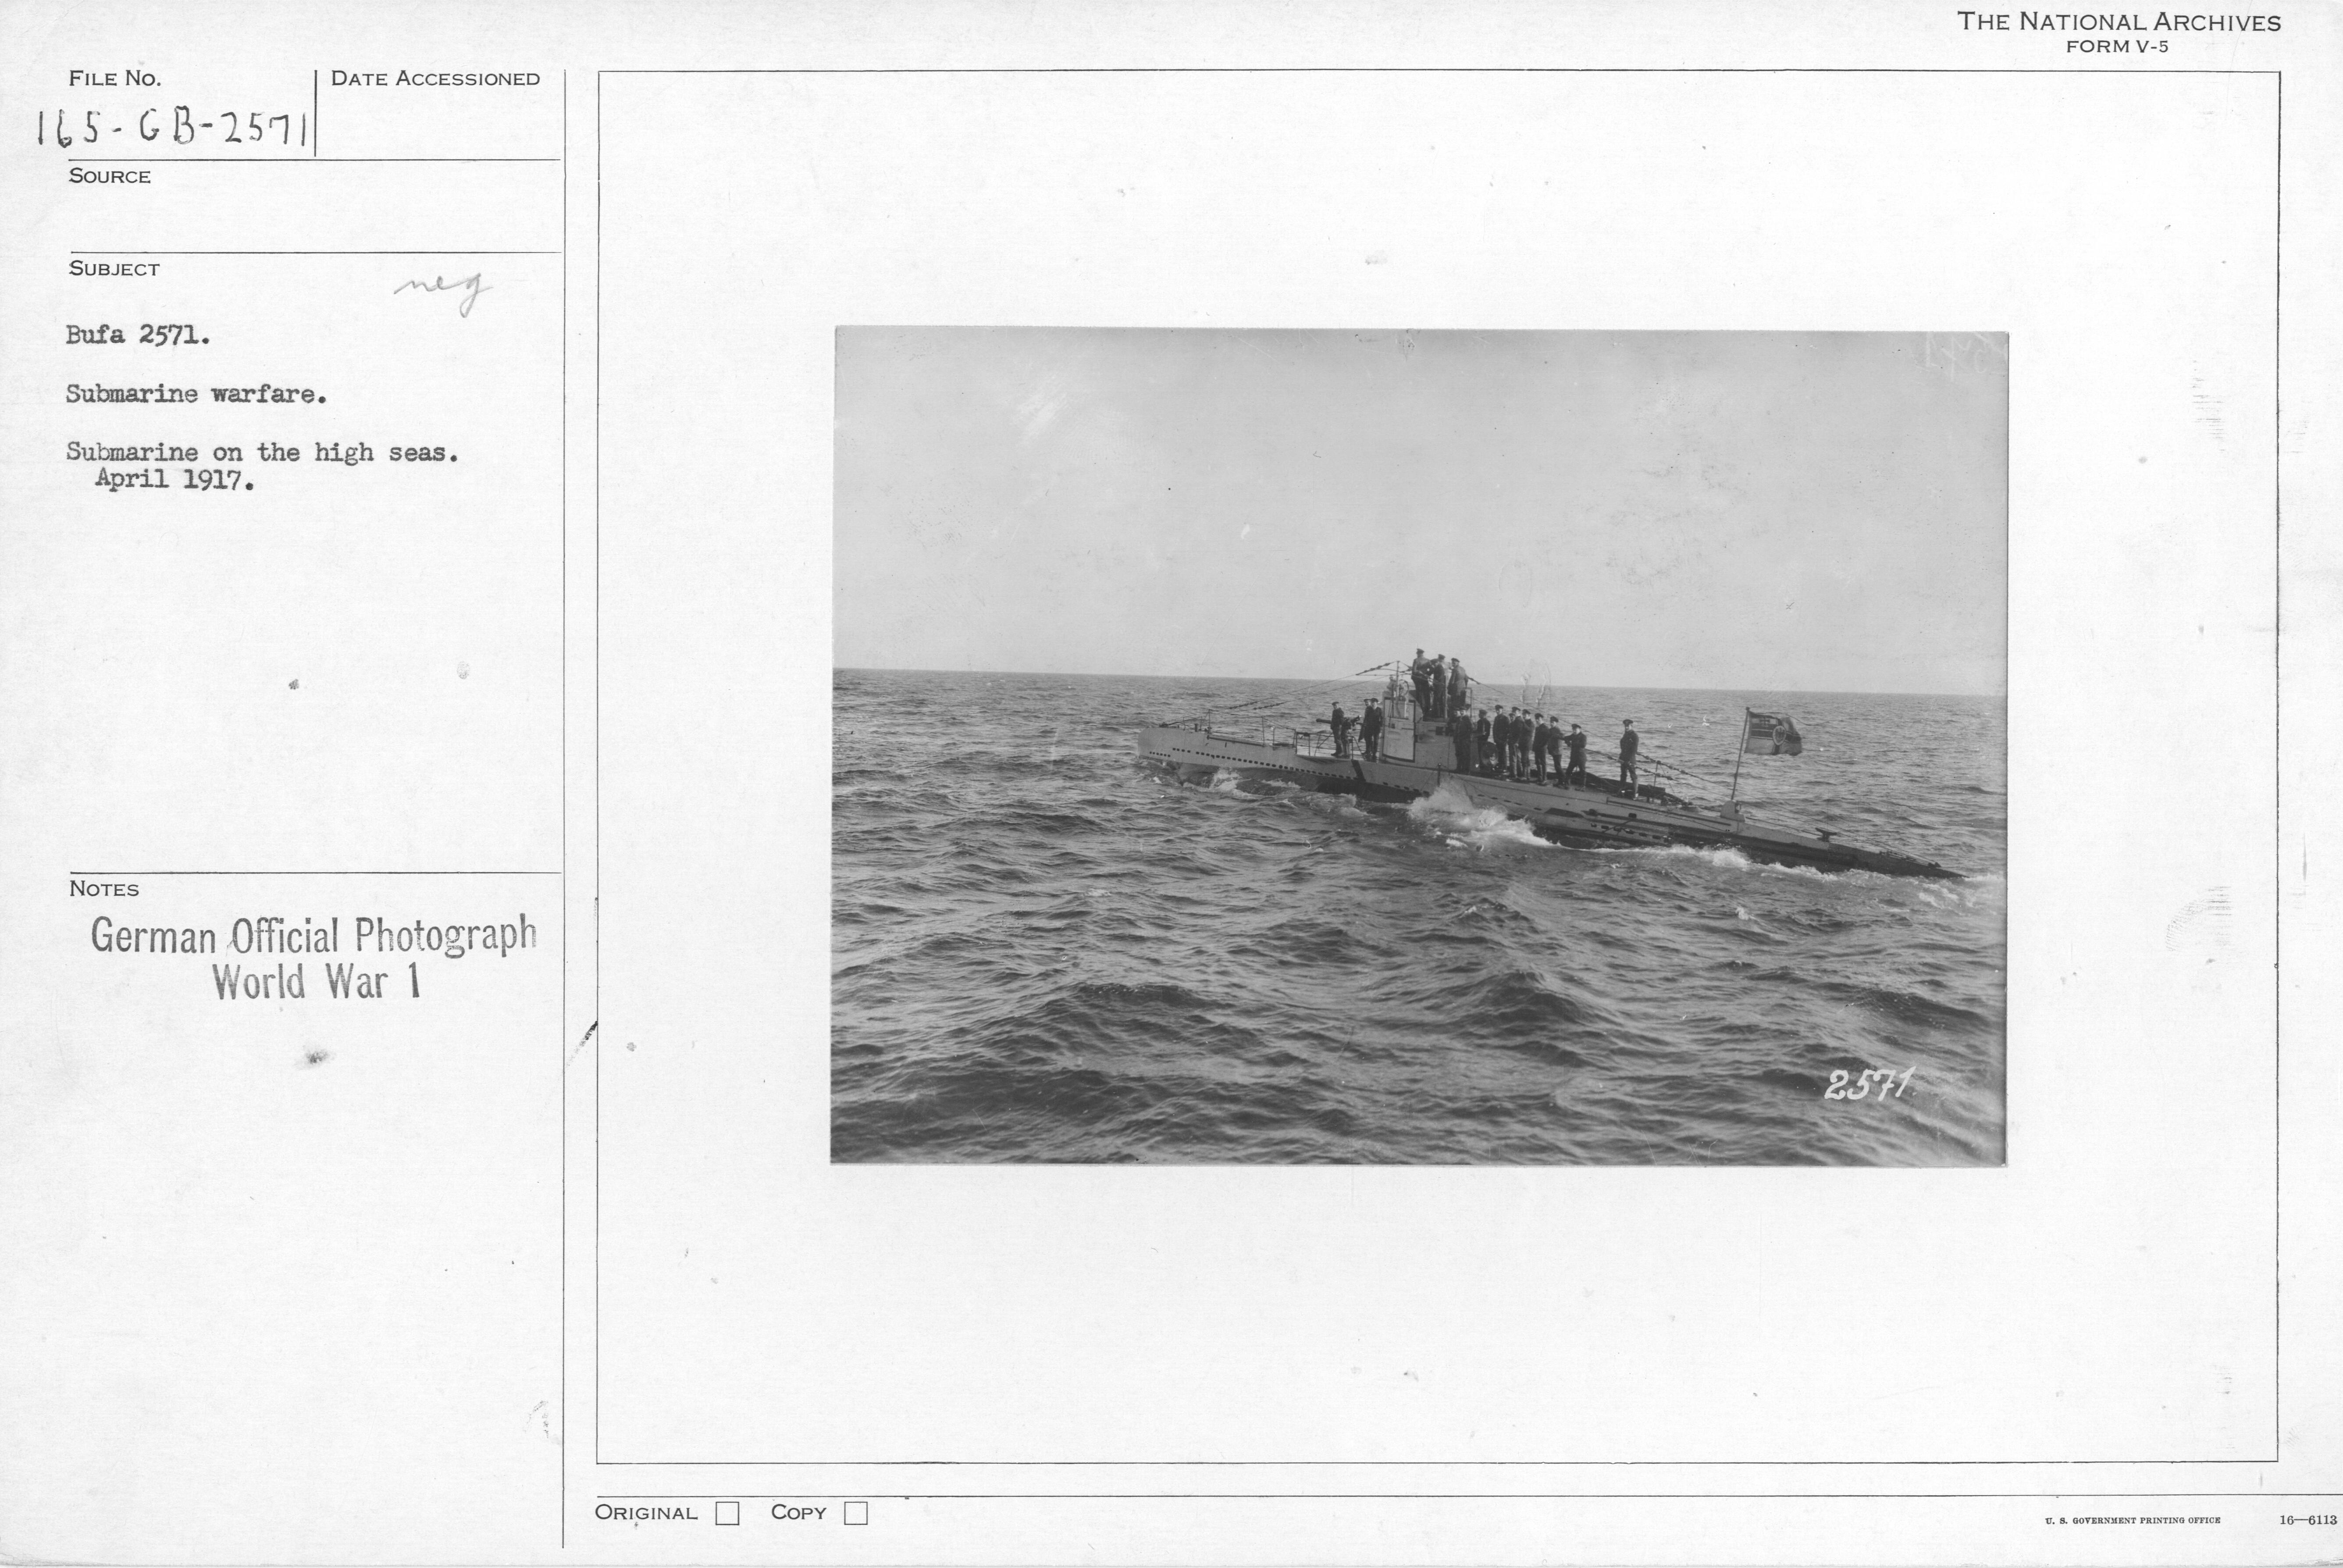 Submarine warfare. Submarine on the high seas. April 1917